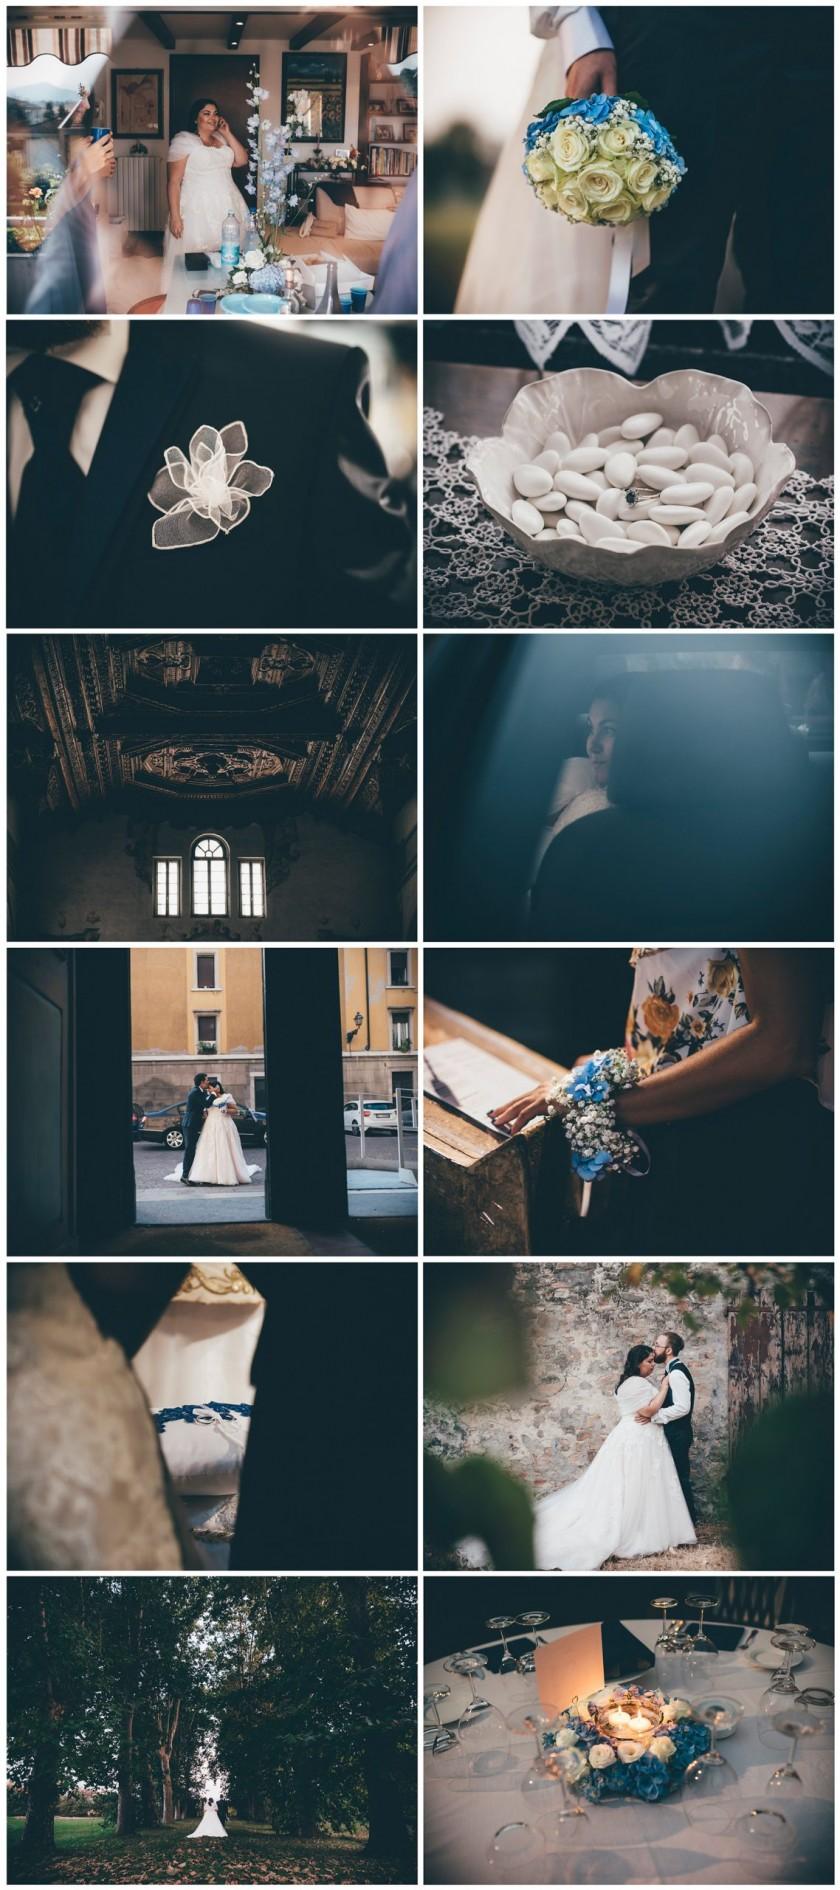 stile, moodboard, moodboards, ispirazione foto matrimonio, idea, creatività, fotografo matrimonio parma, fotografie matrimonio, racconto, stefano brianti